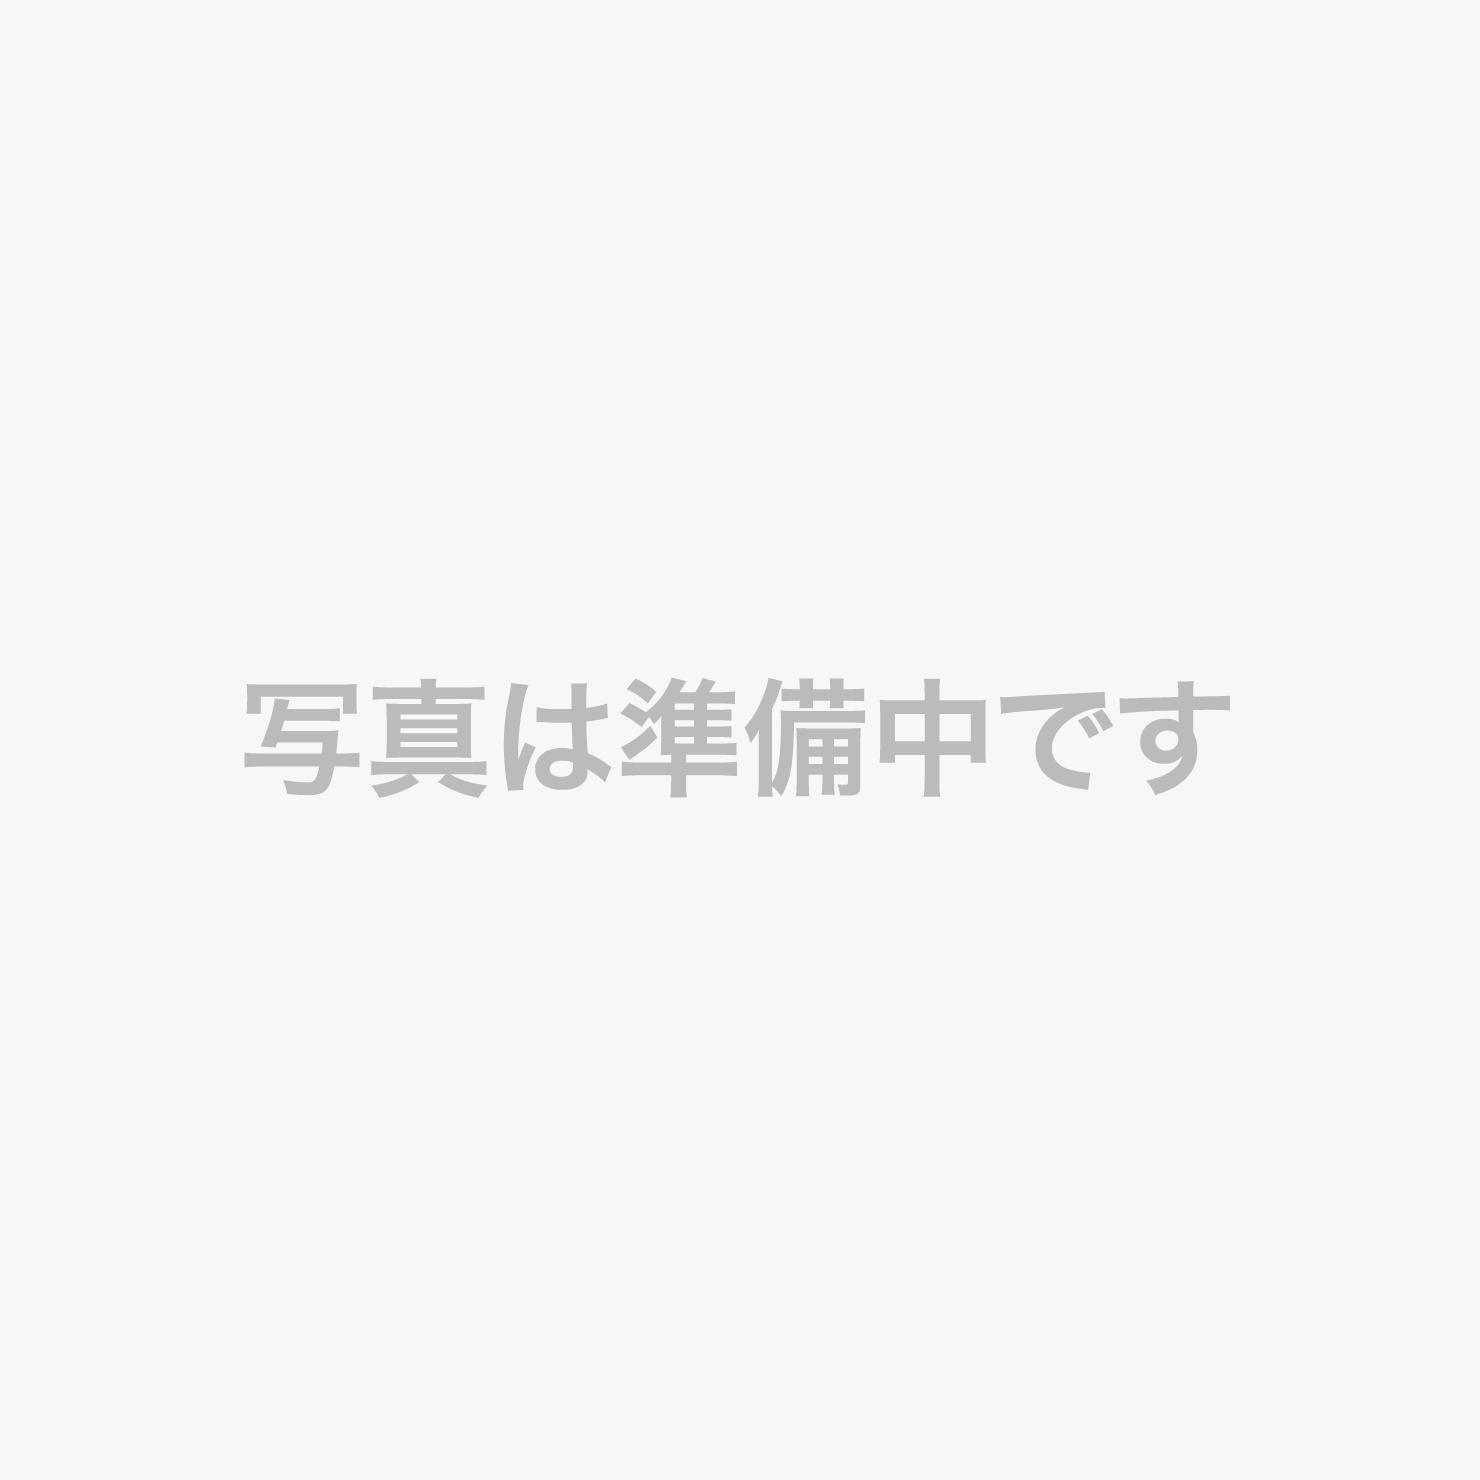 夢メッセみやぎ(写真提供:宮城県観光課)